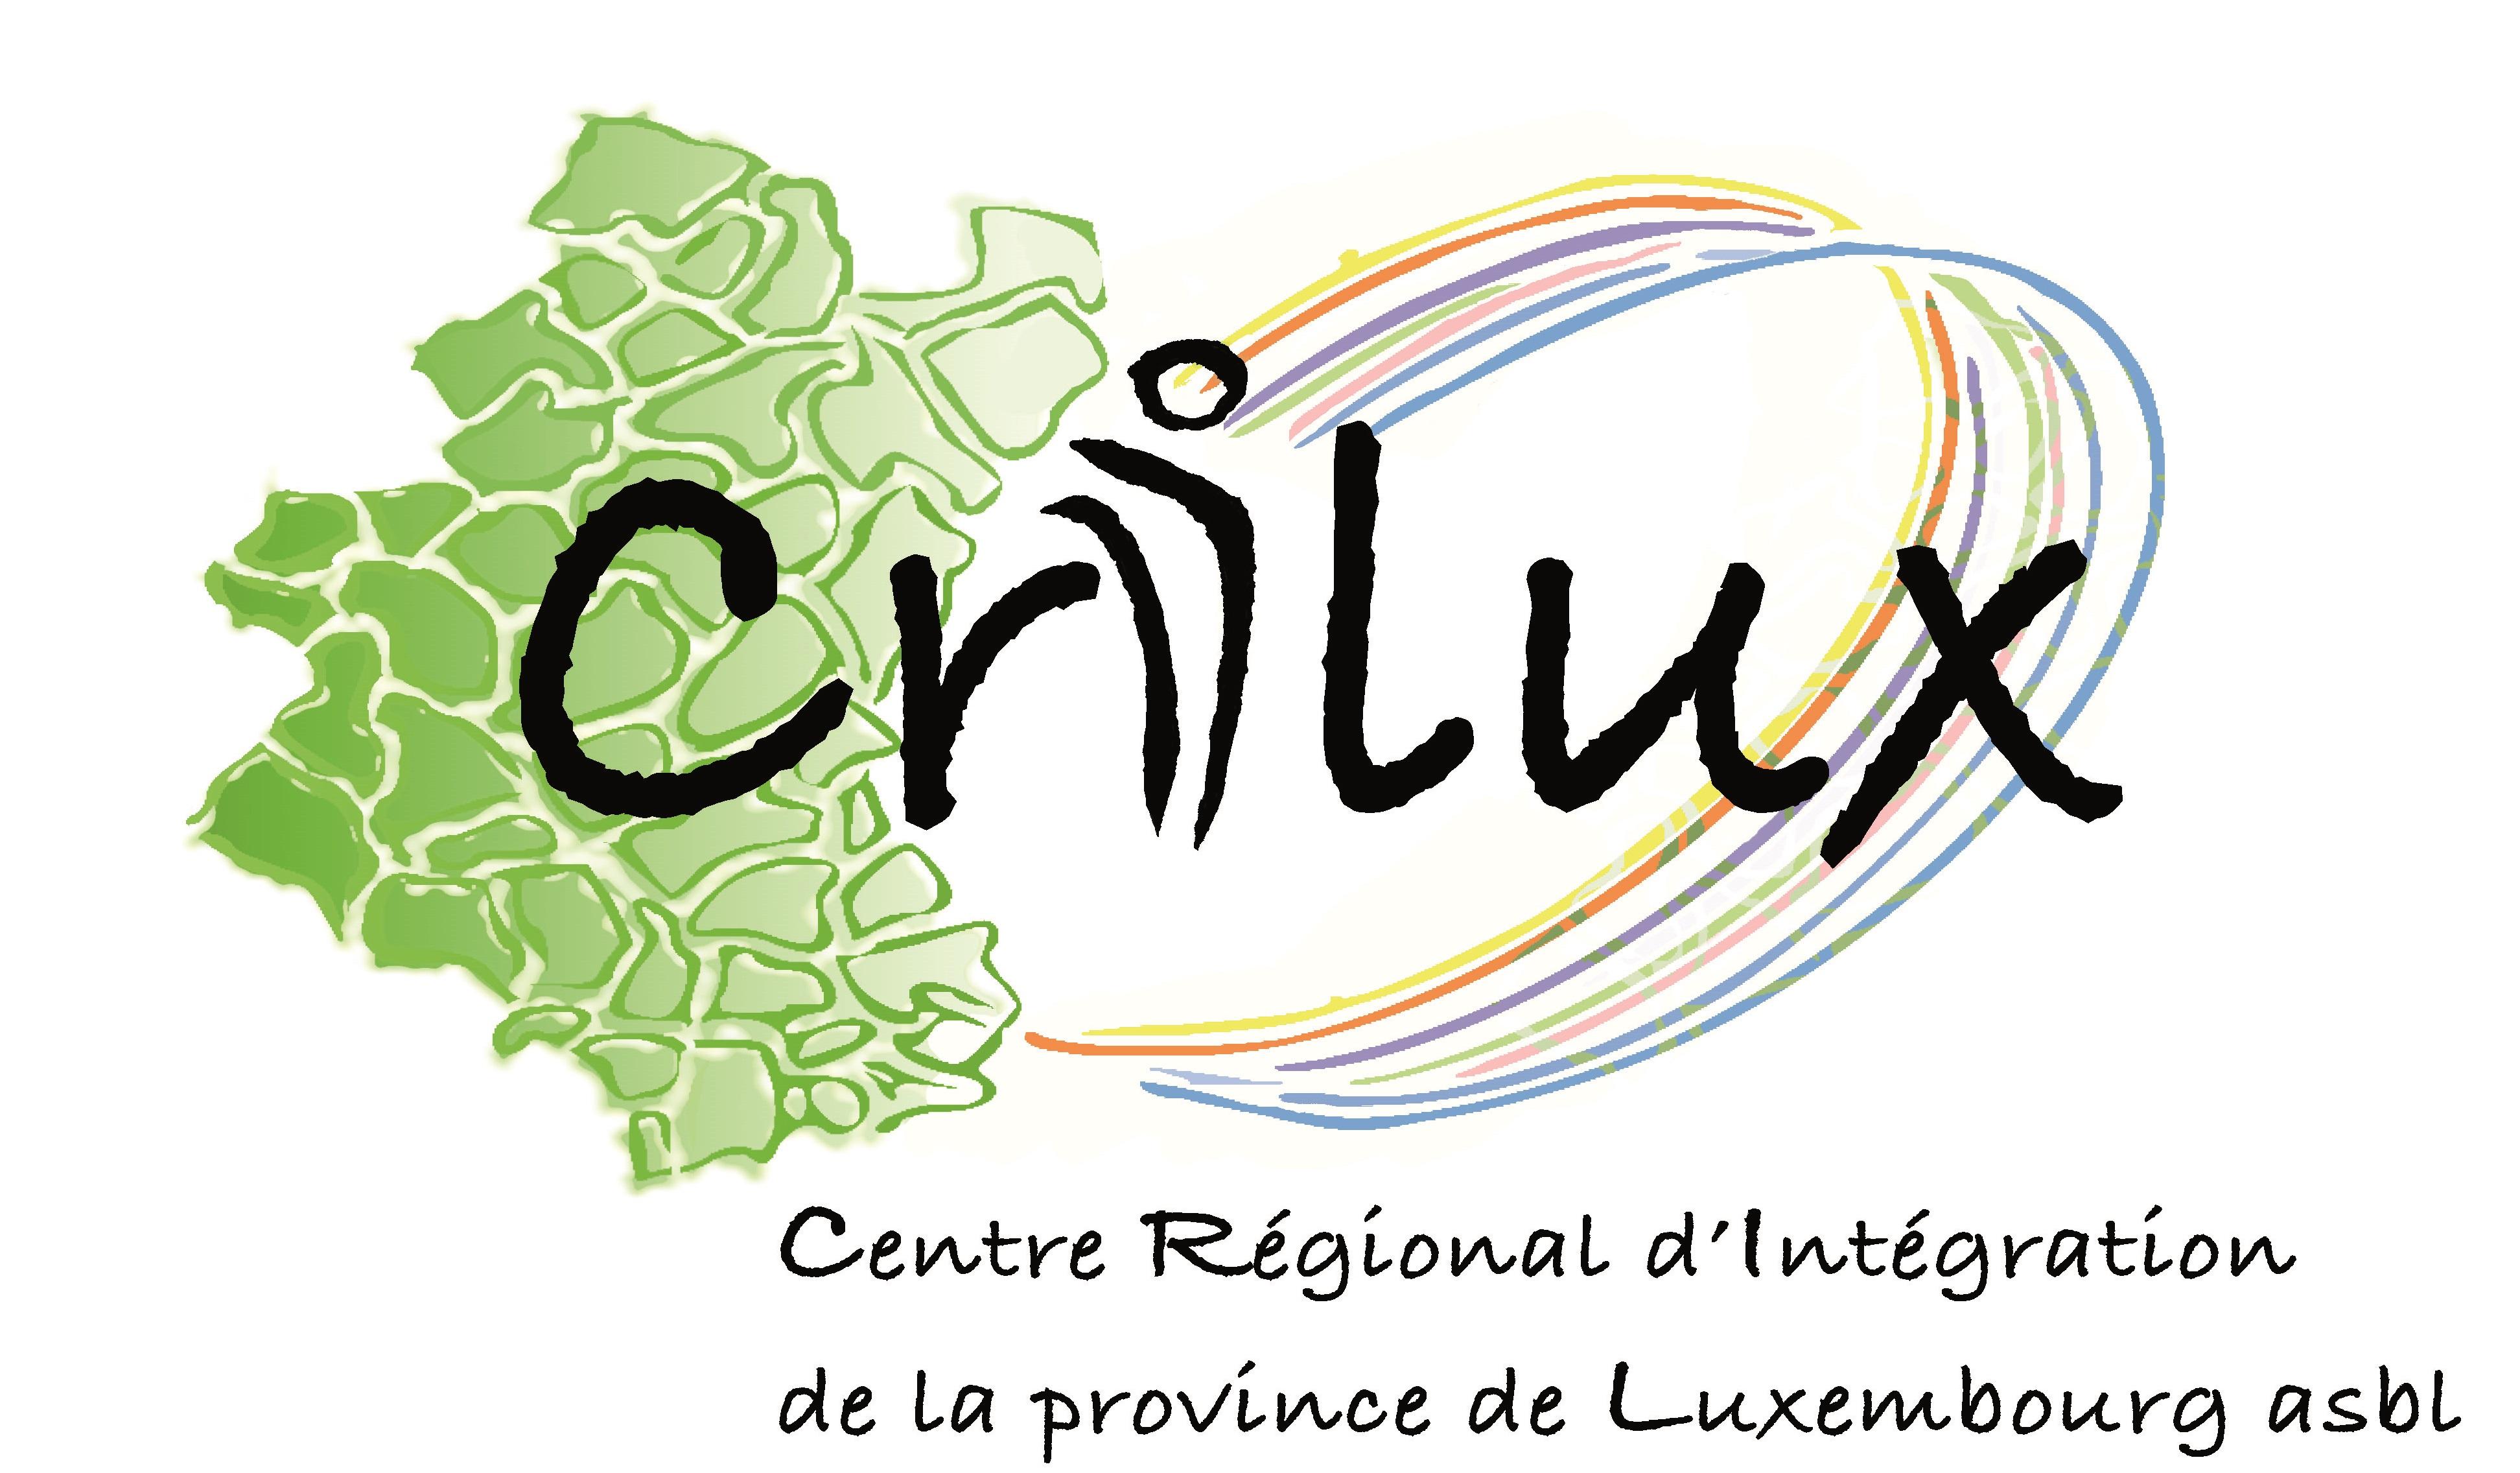 Centre Régional d'Intégration de la province de Luxembourg